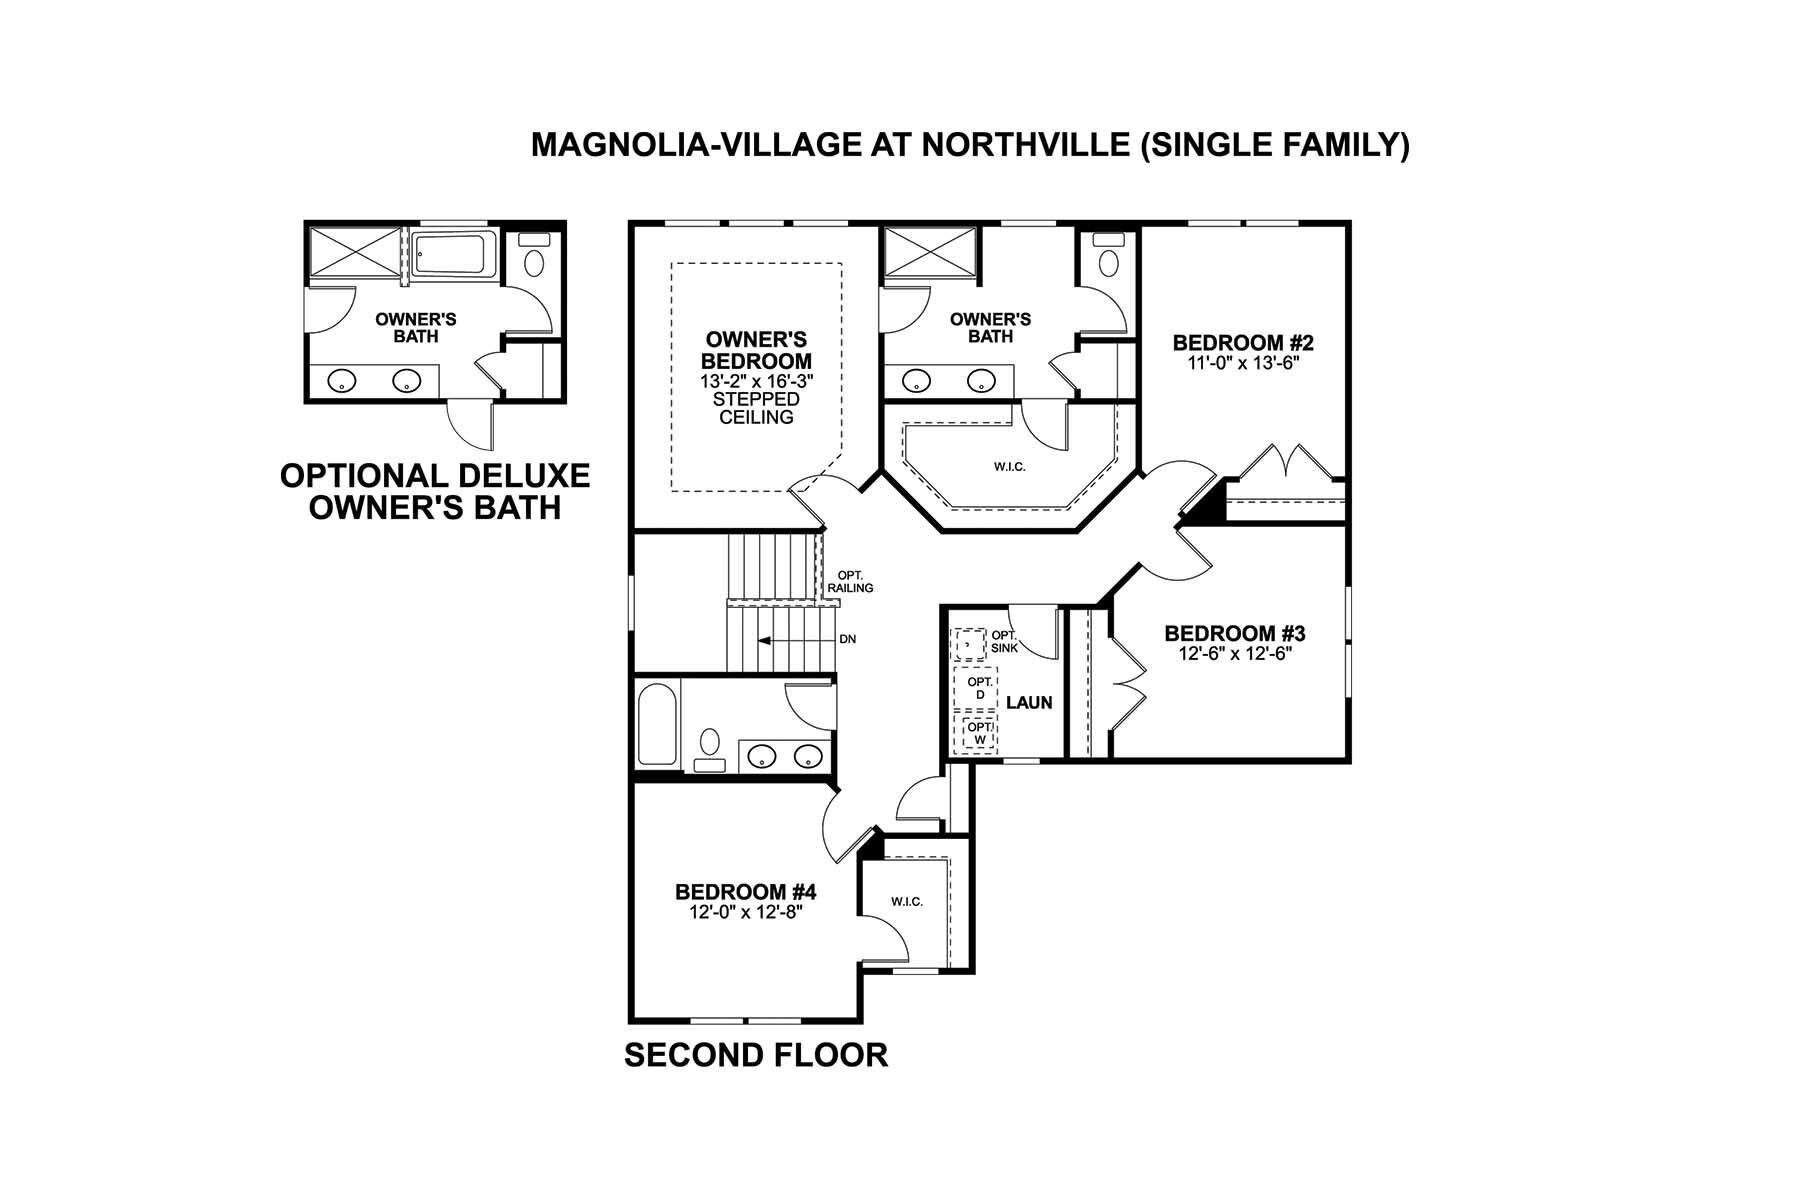 Magnolia Second Floor